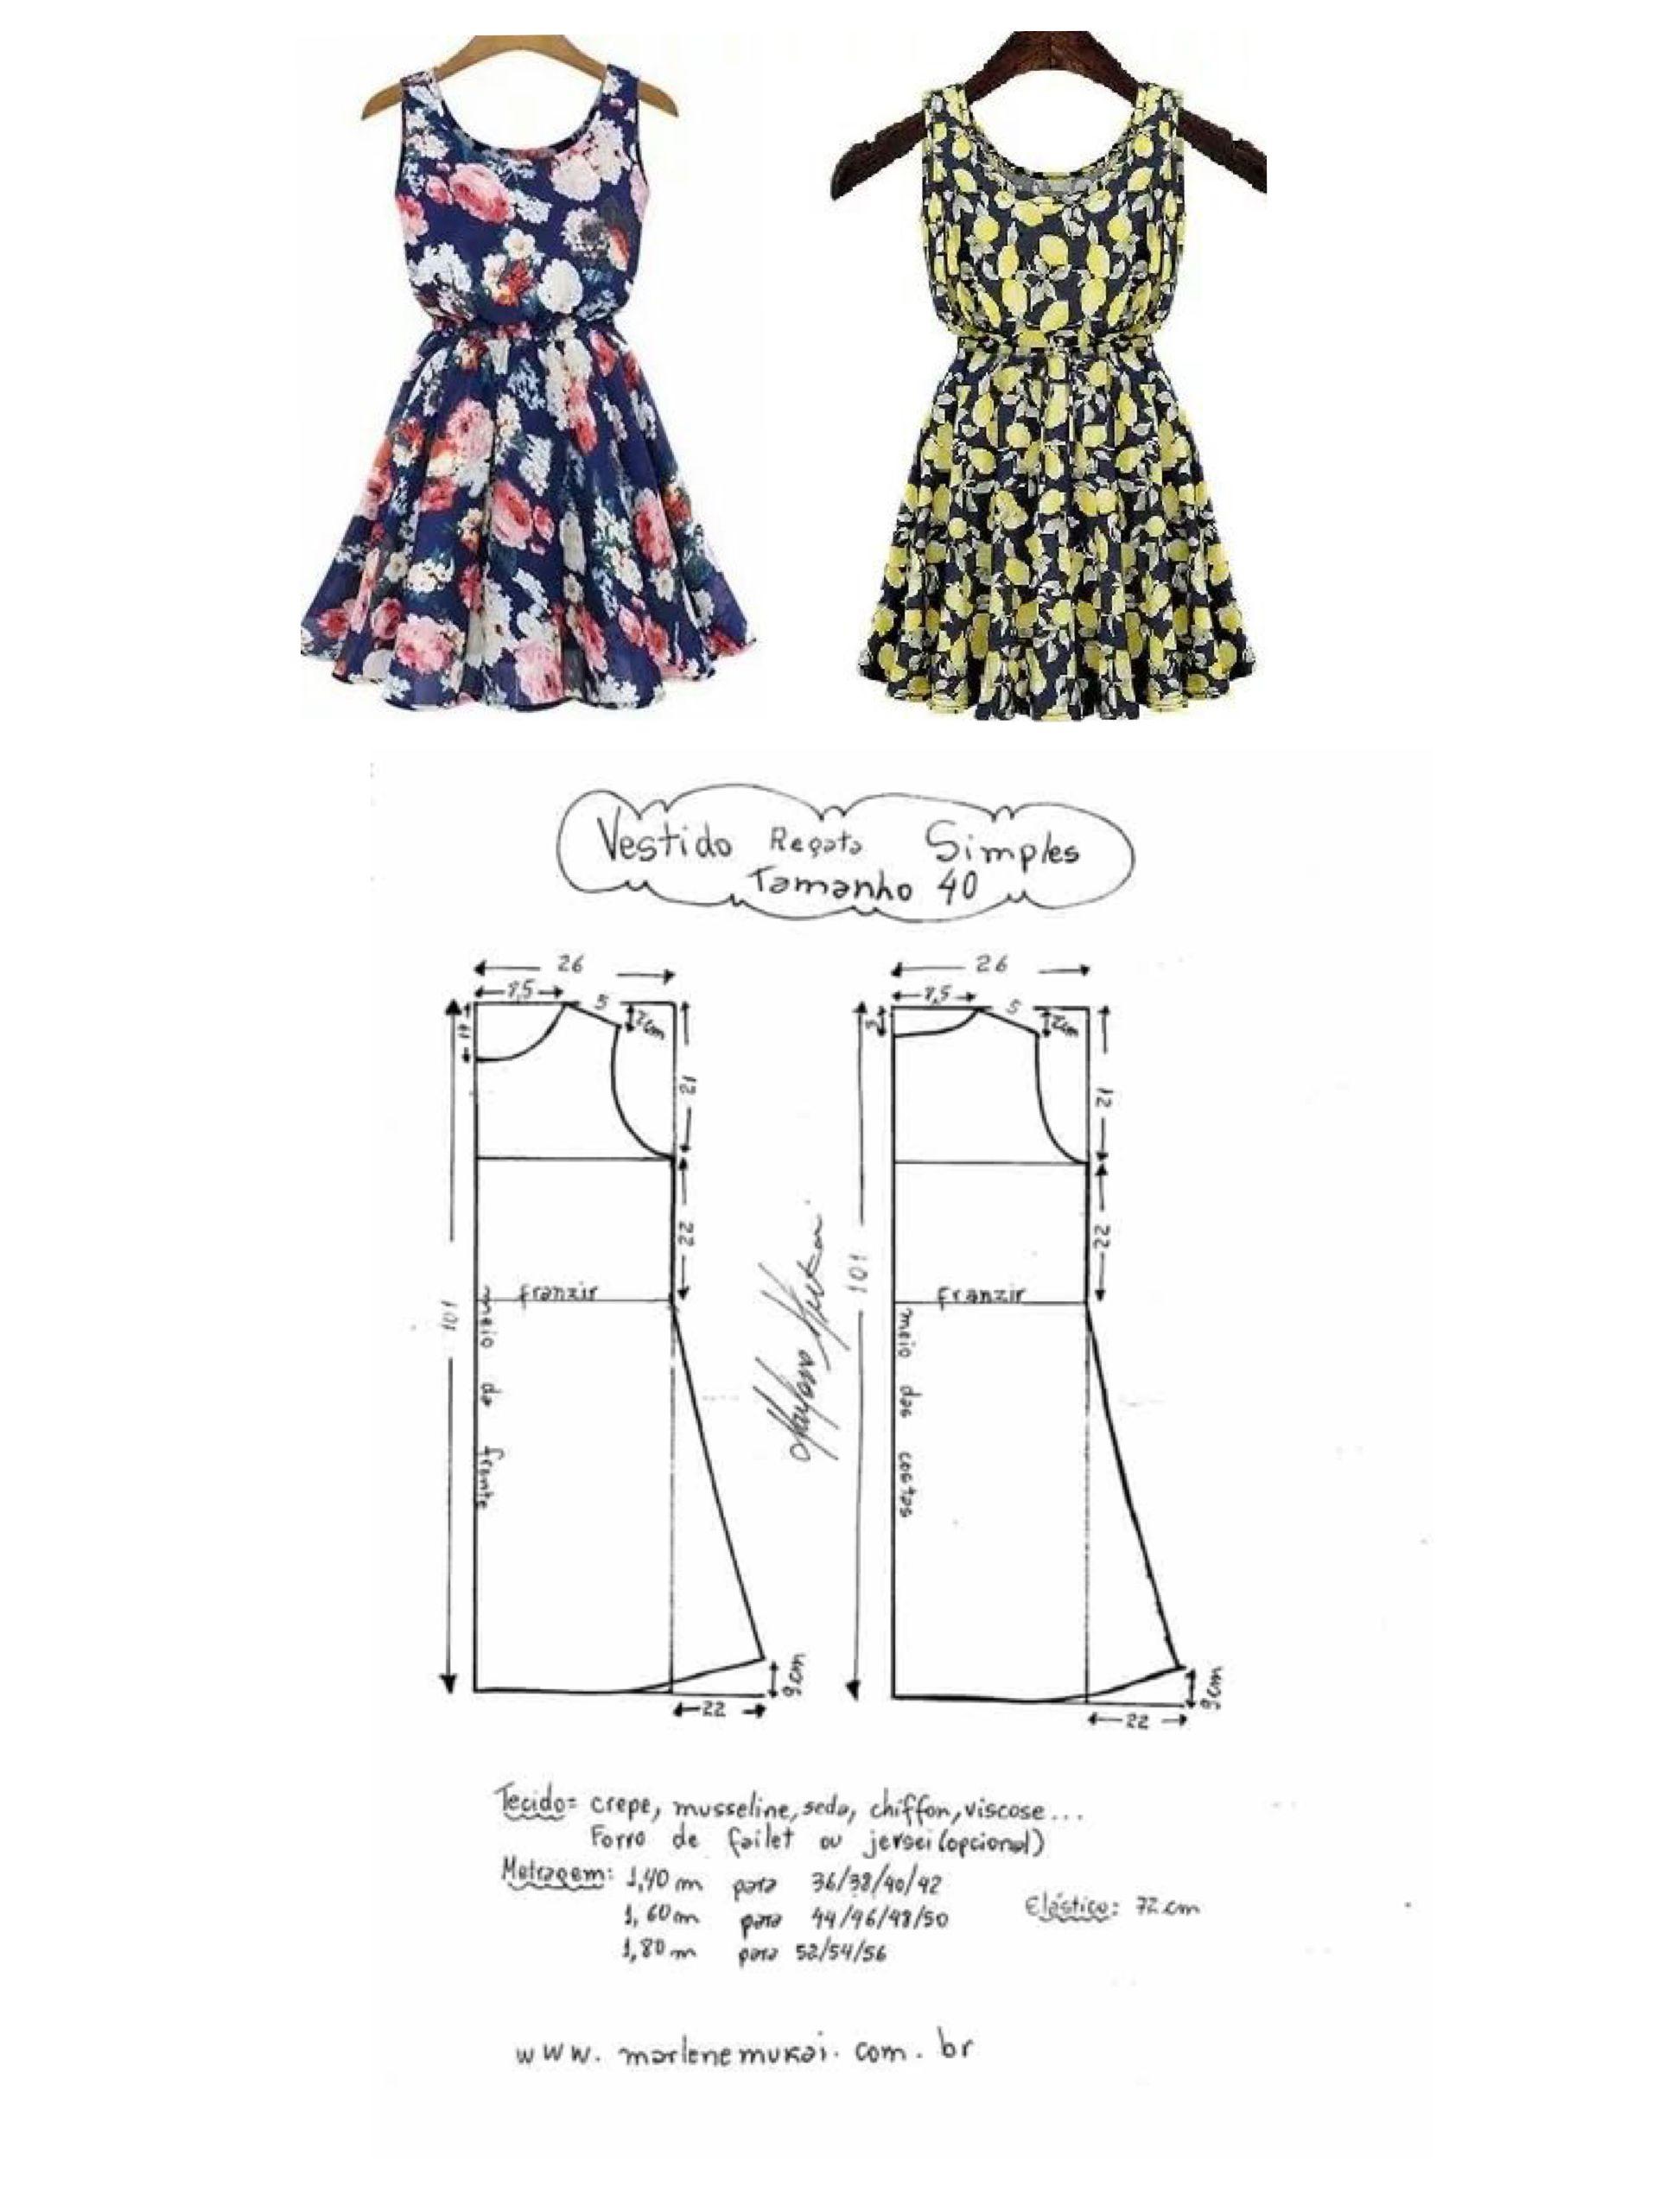 Pin de nelly en cosas mias | Pinterest | Costura, Molde y Patrones